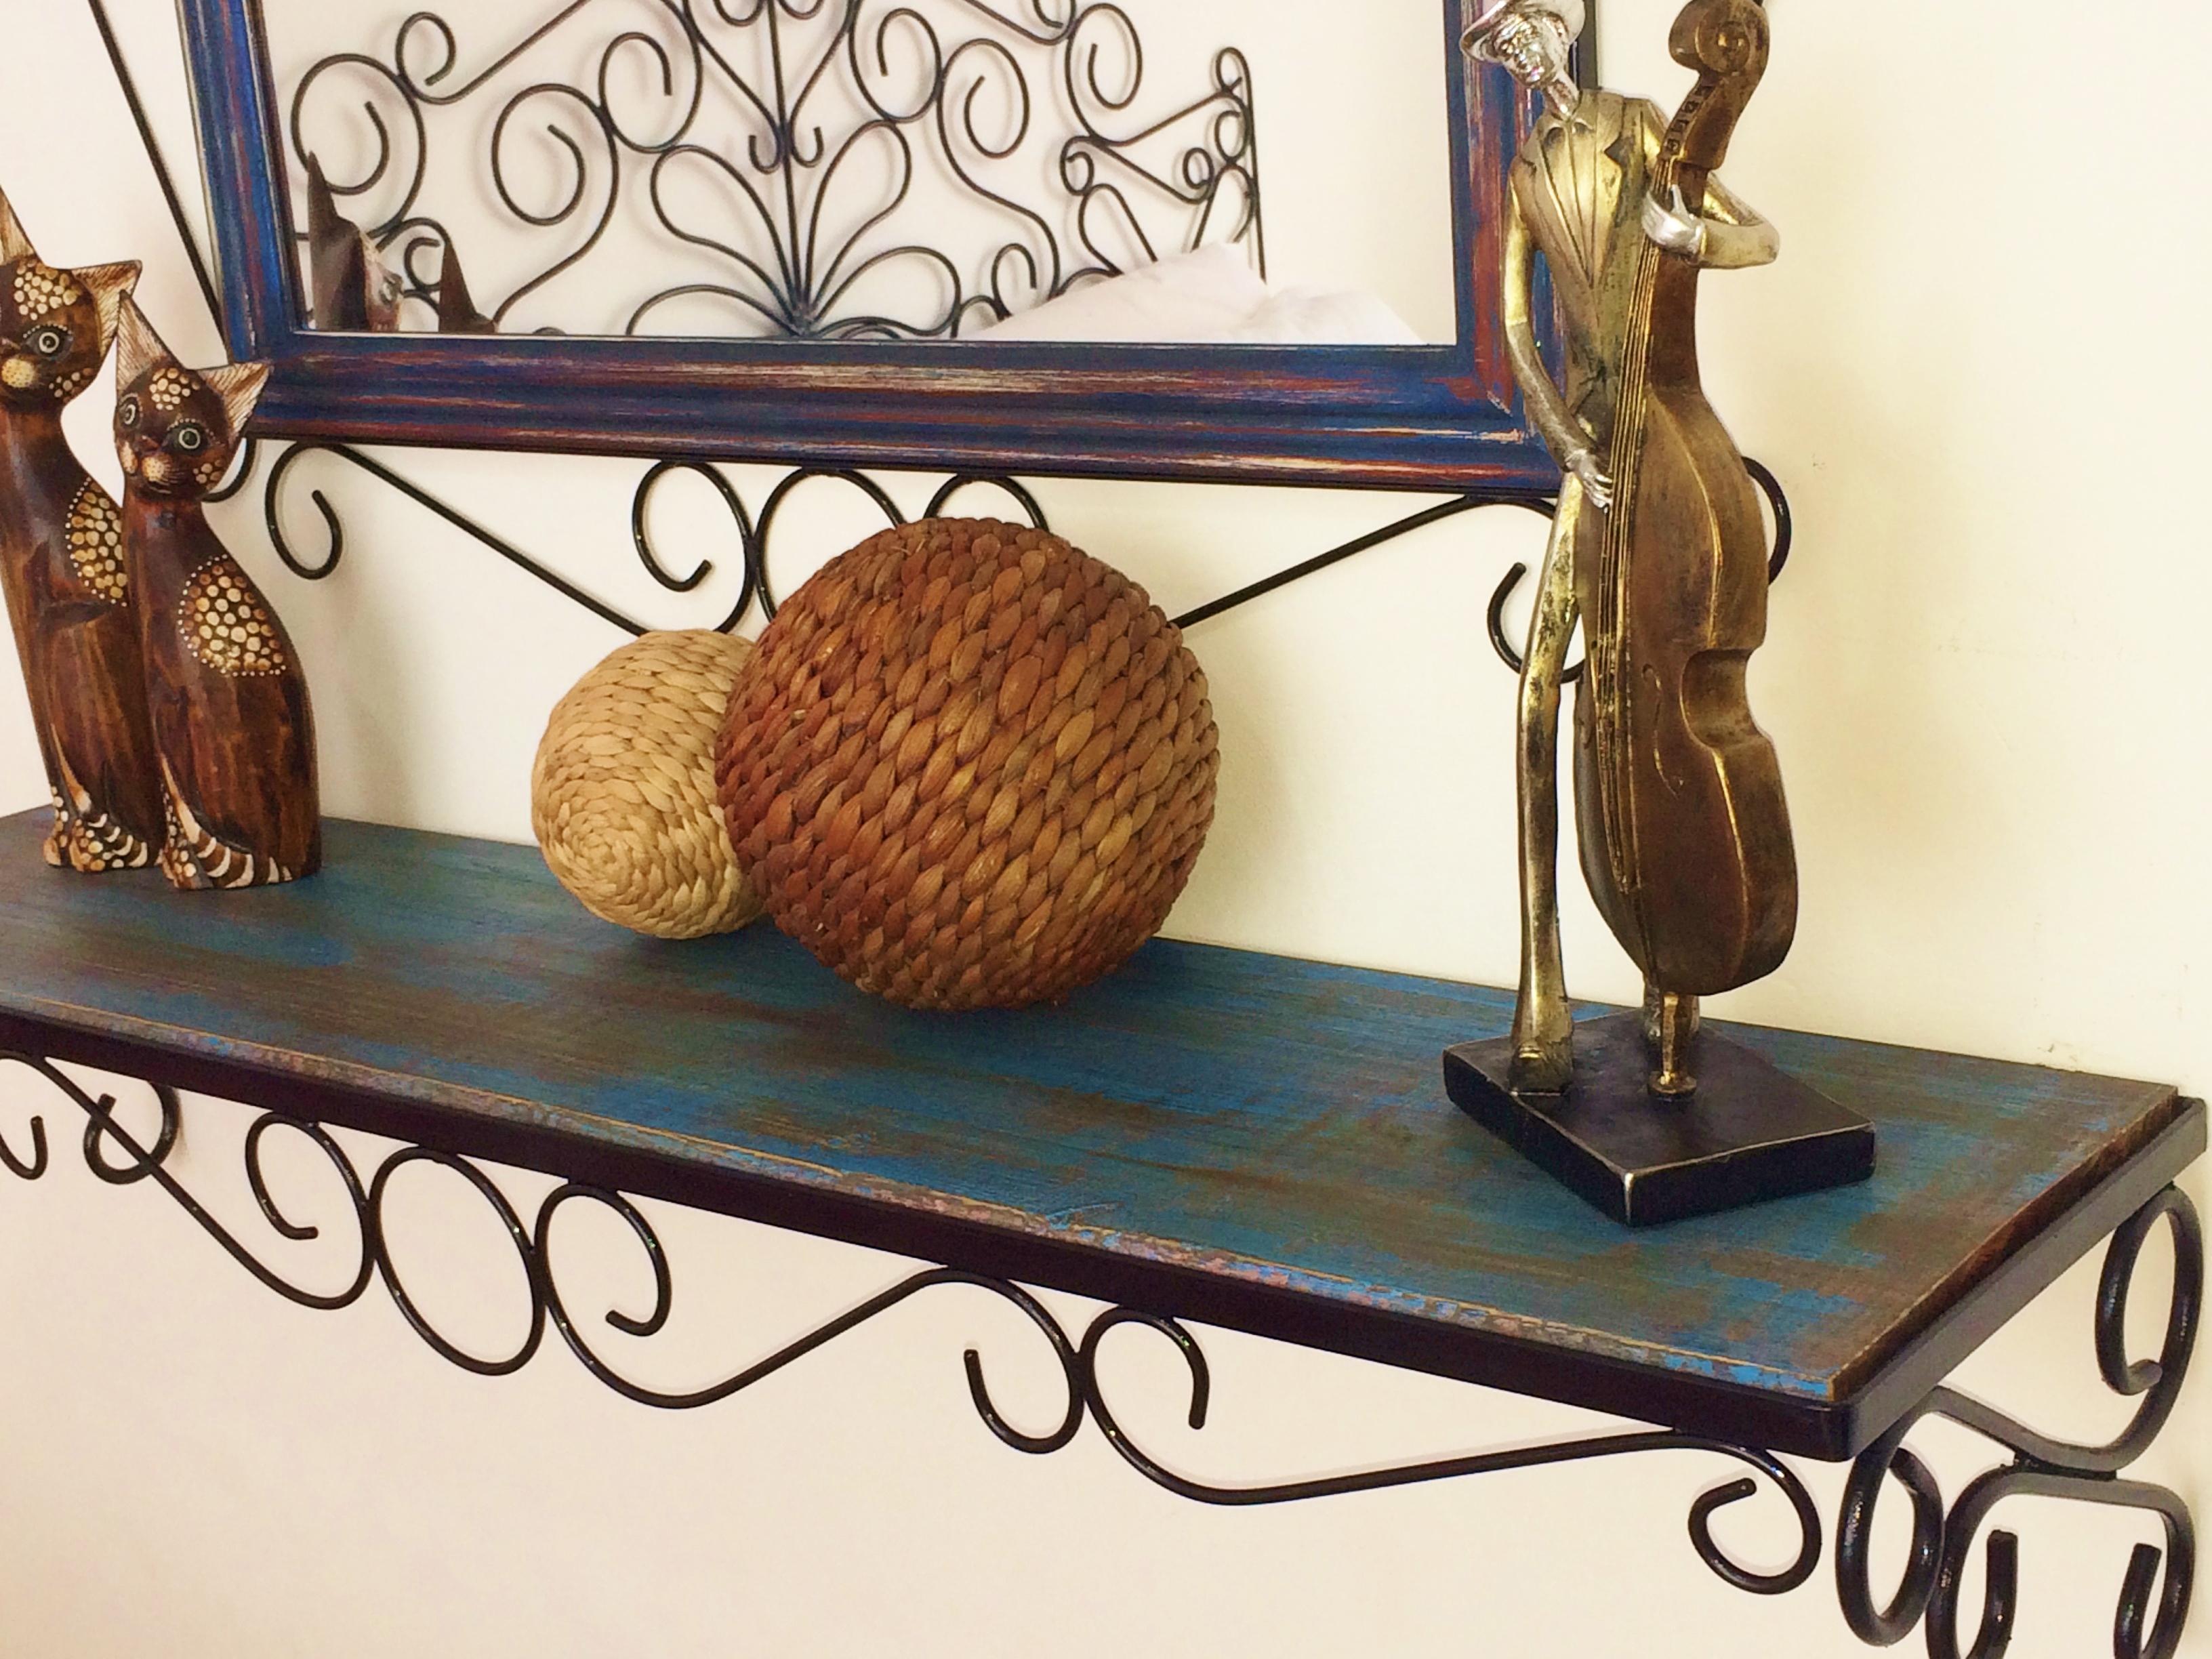 Moldura   aparador (ferro e madeira) Débora Art's Elo7 #977334 3264x2448